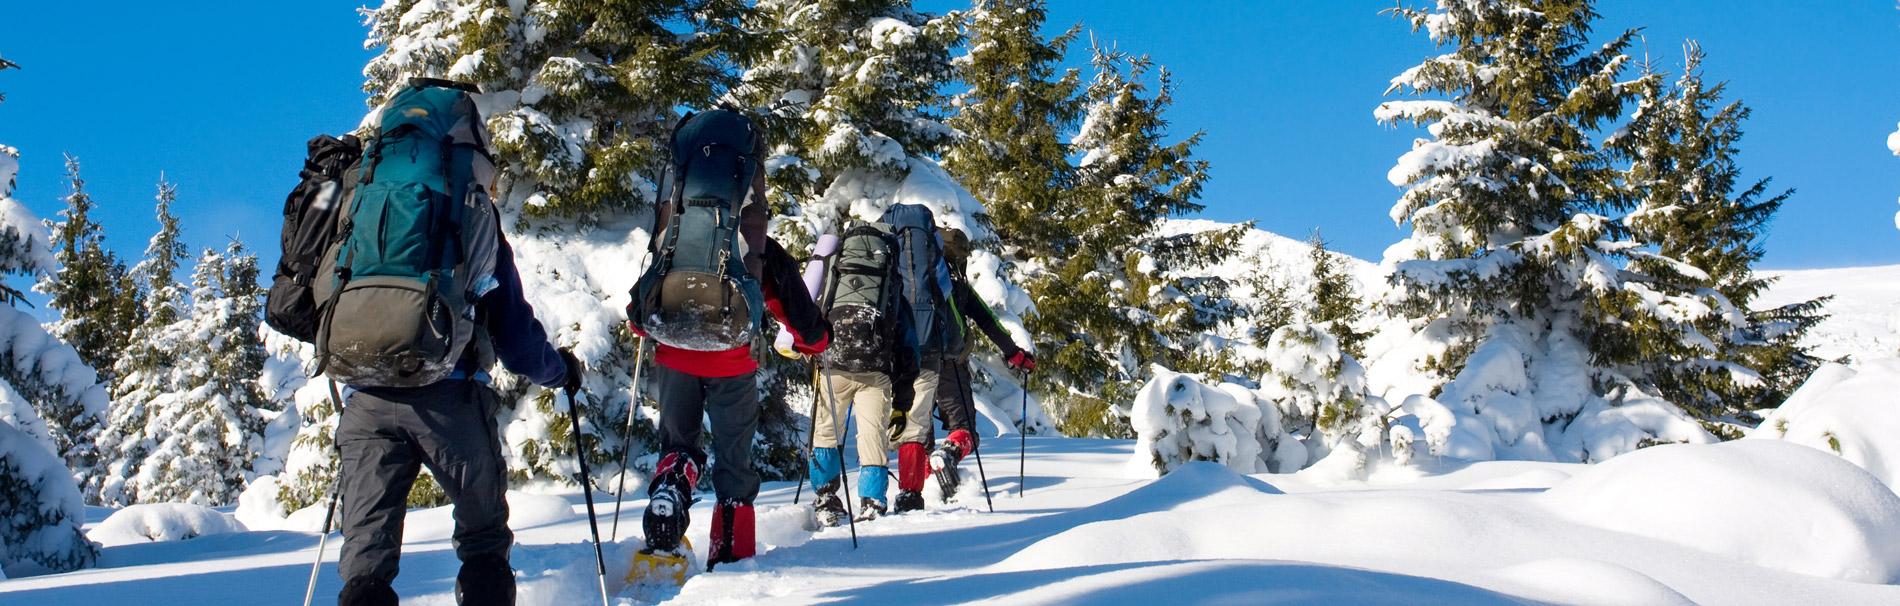 Winterwandern Im Bayerischen Wald Schneeschuhwandern Im